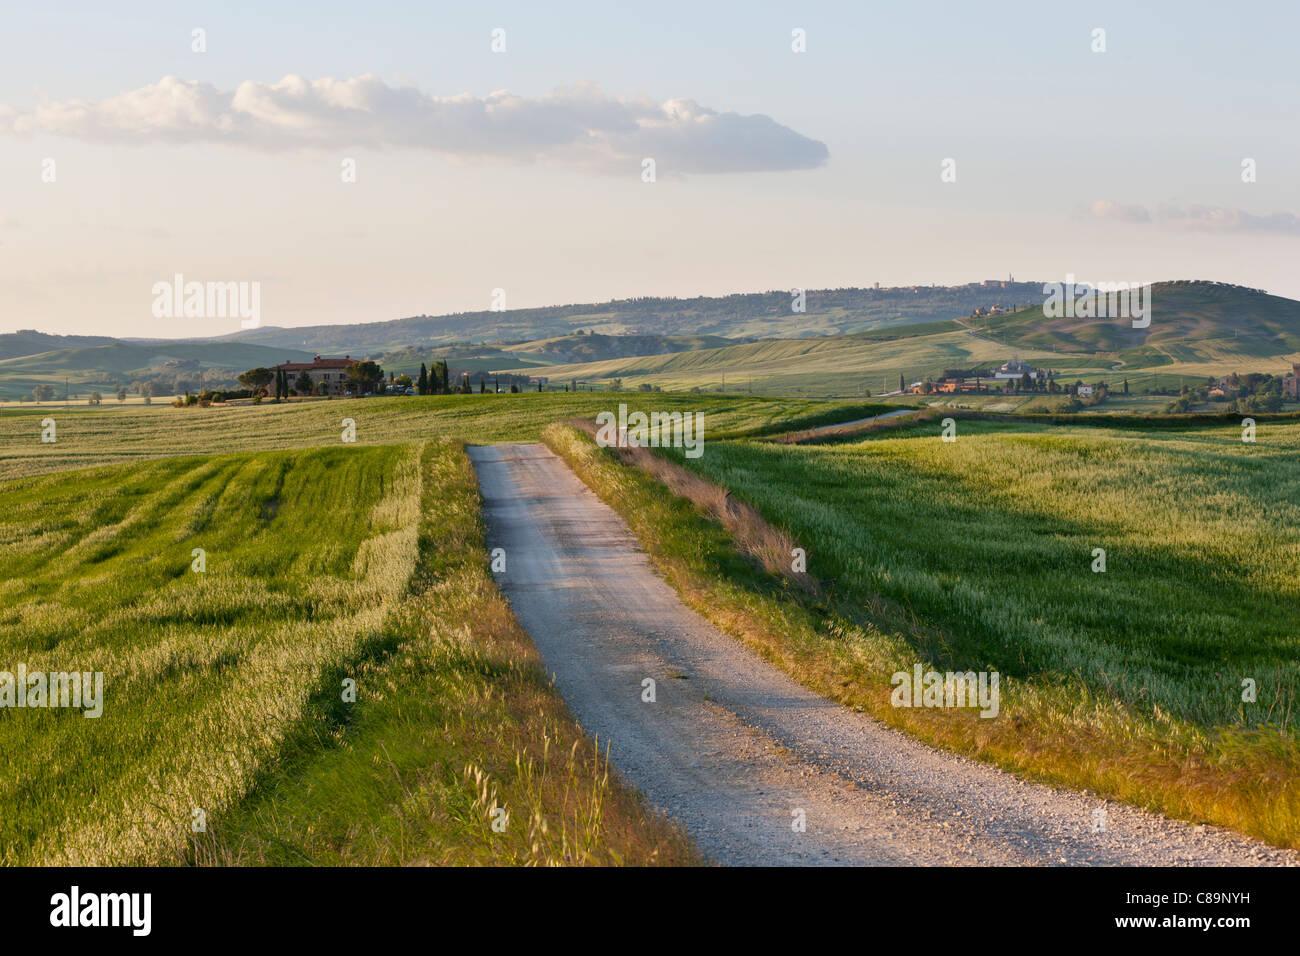 Italie, Toscane, Crète, Val d'Orcia, Vue du chemin vers la ferme Photo Stock